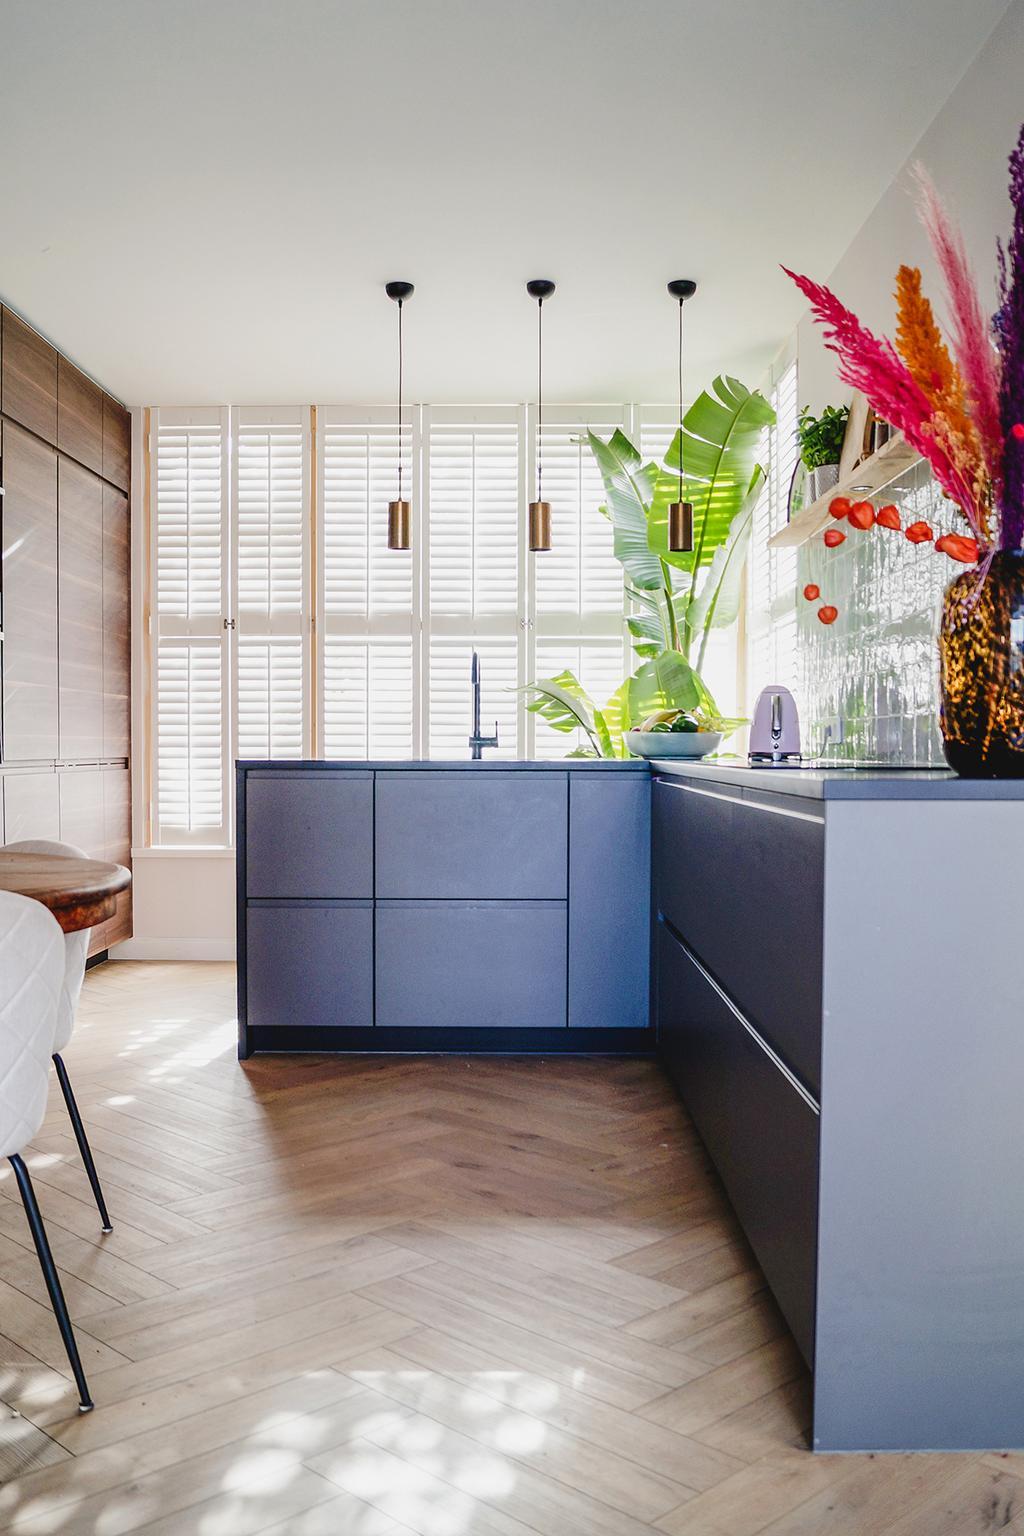 Keuken met dubbele visgraatvloer van COREtec | Foto @leonievanzonneveld